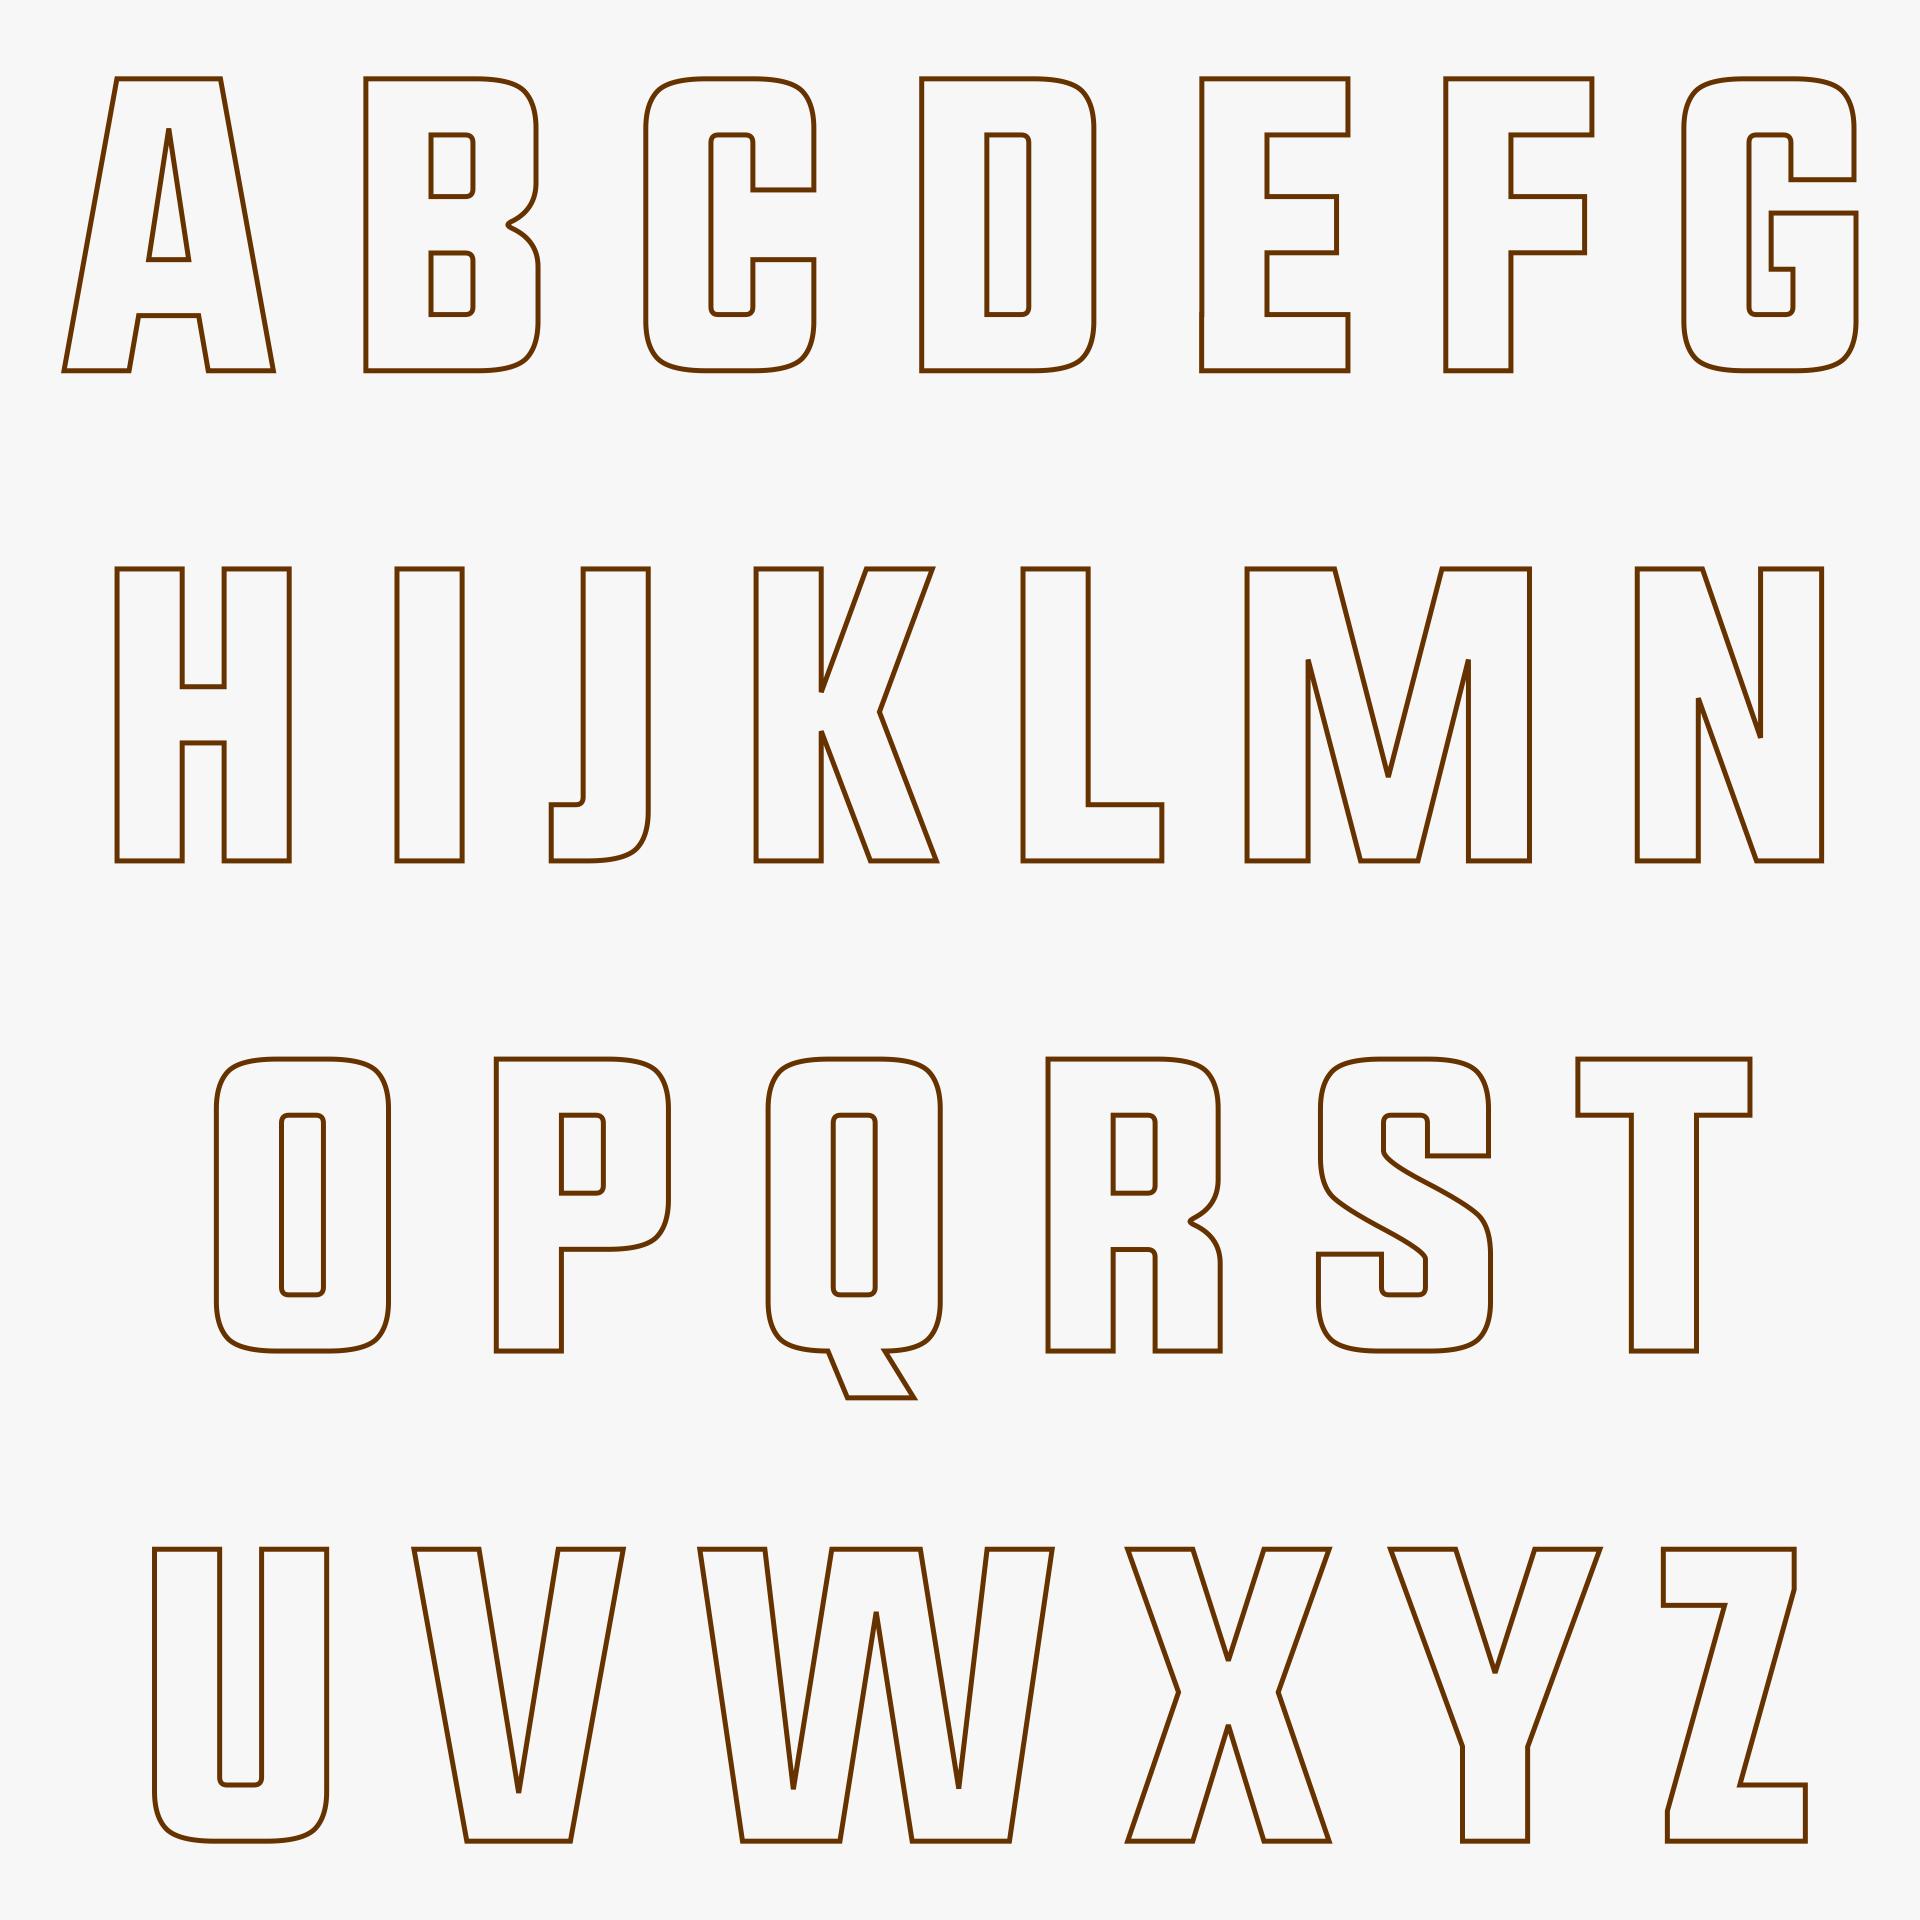 Printable Cut Out Alphabet Letters